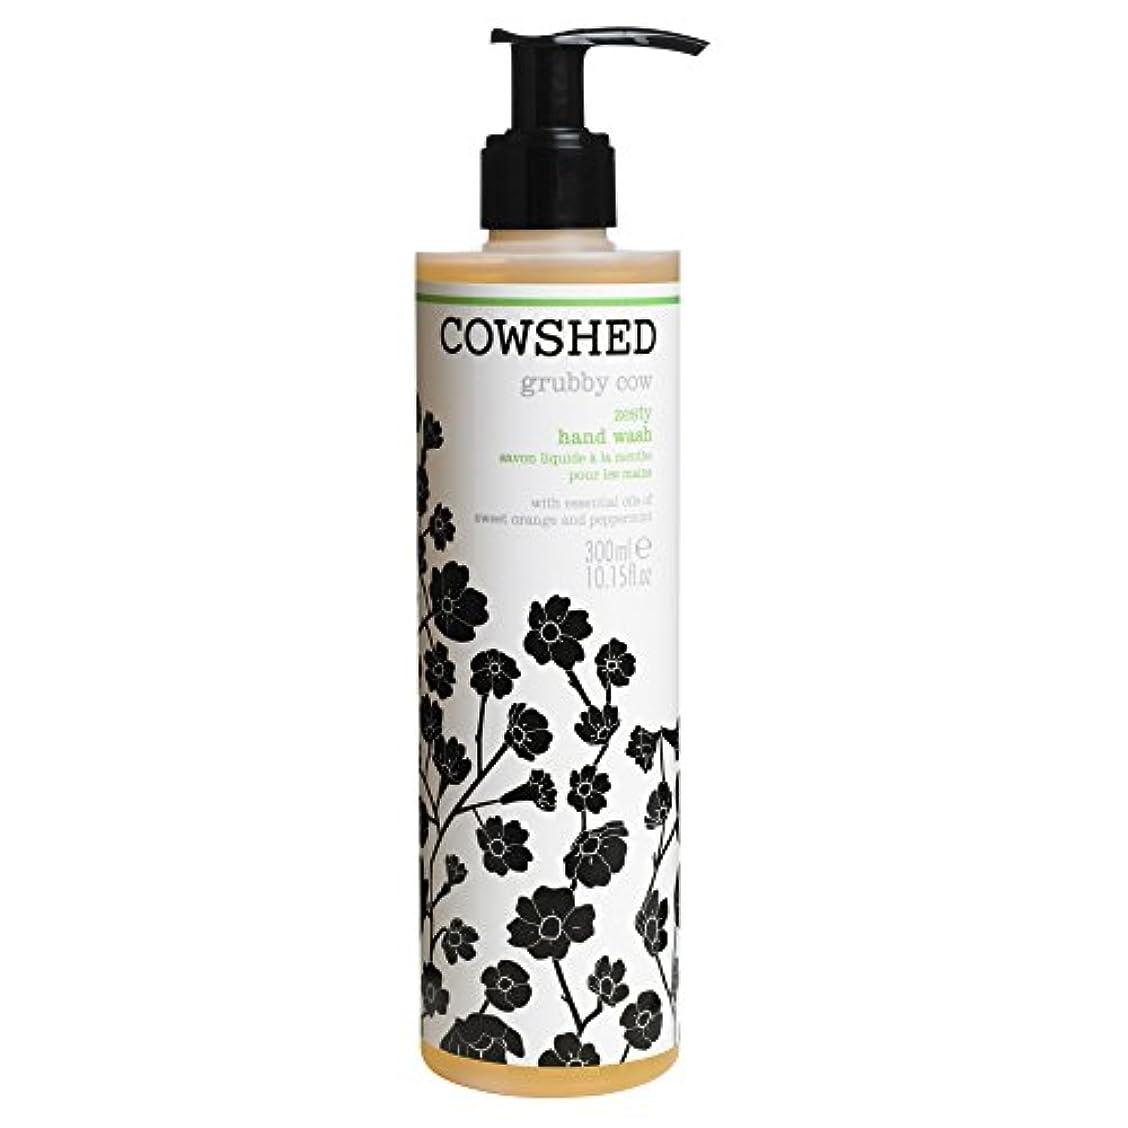 マウントバンク結婚したライオネルグリーンストリート牛舎汚い牛ピリッハンドウォッシュ300ミリリットル (Cowshed) - Cowshed Grubby Cow Zesty Hand Wash 300ml [並行輸入品]